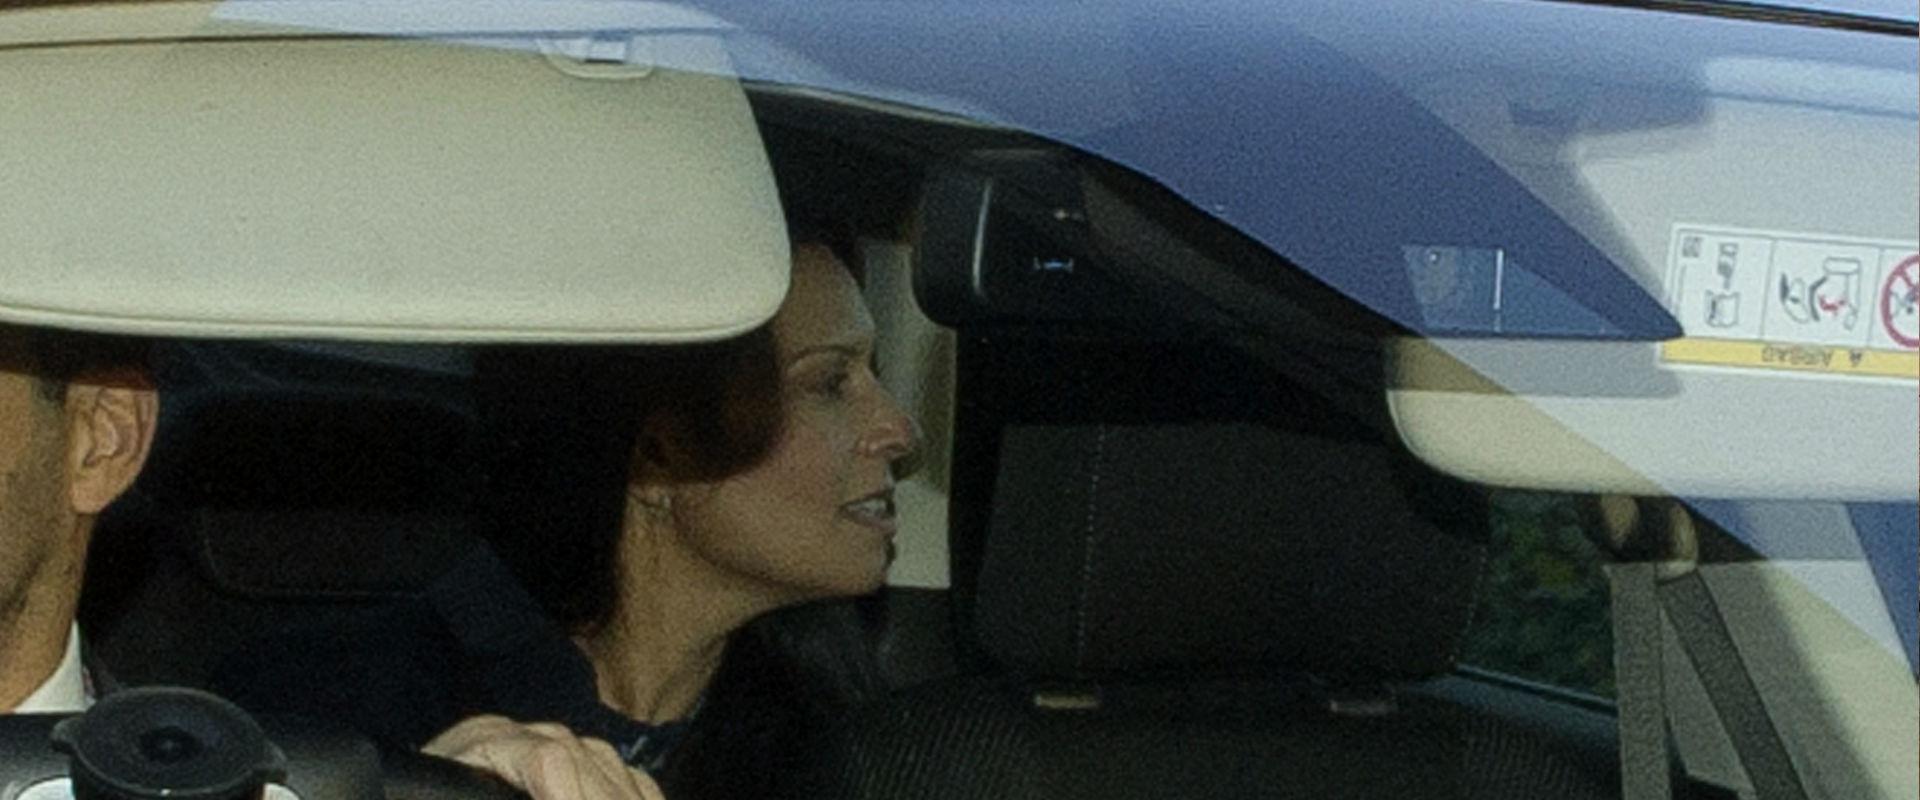 פריטי פטאל עוזבת את דאונינג 10 לאחר התפטרותה